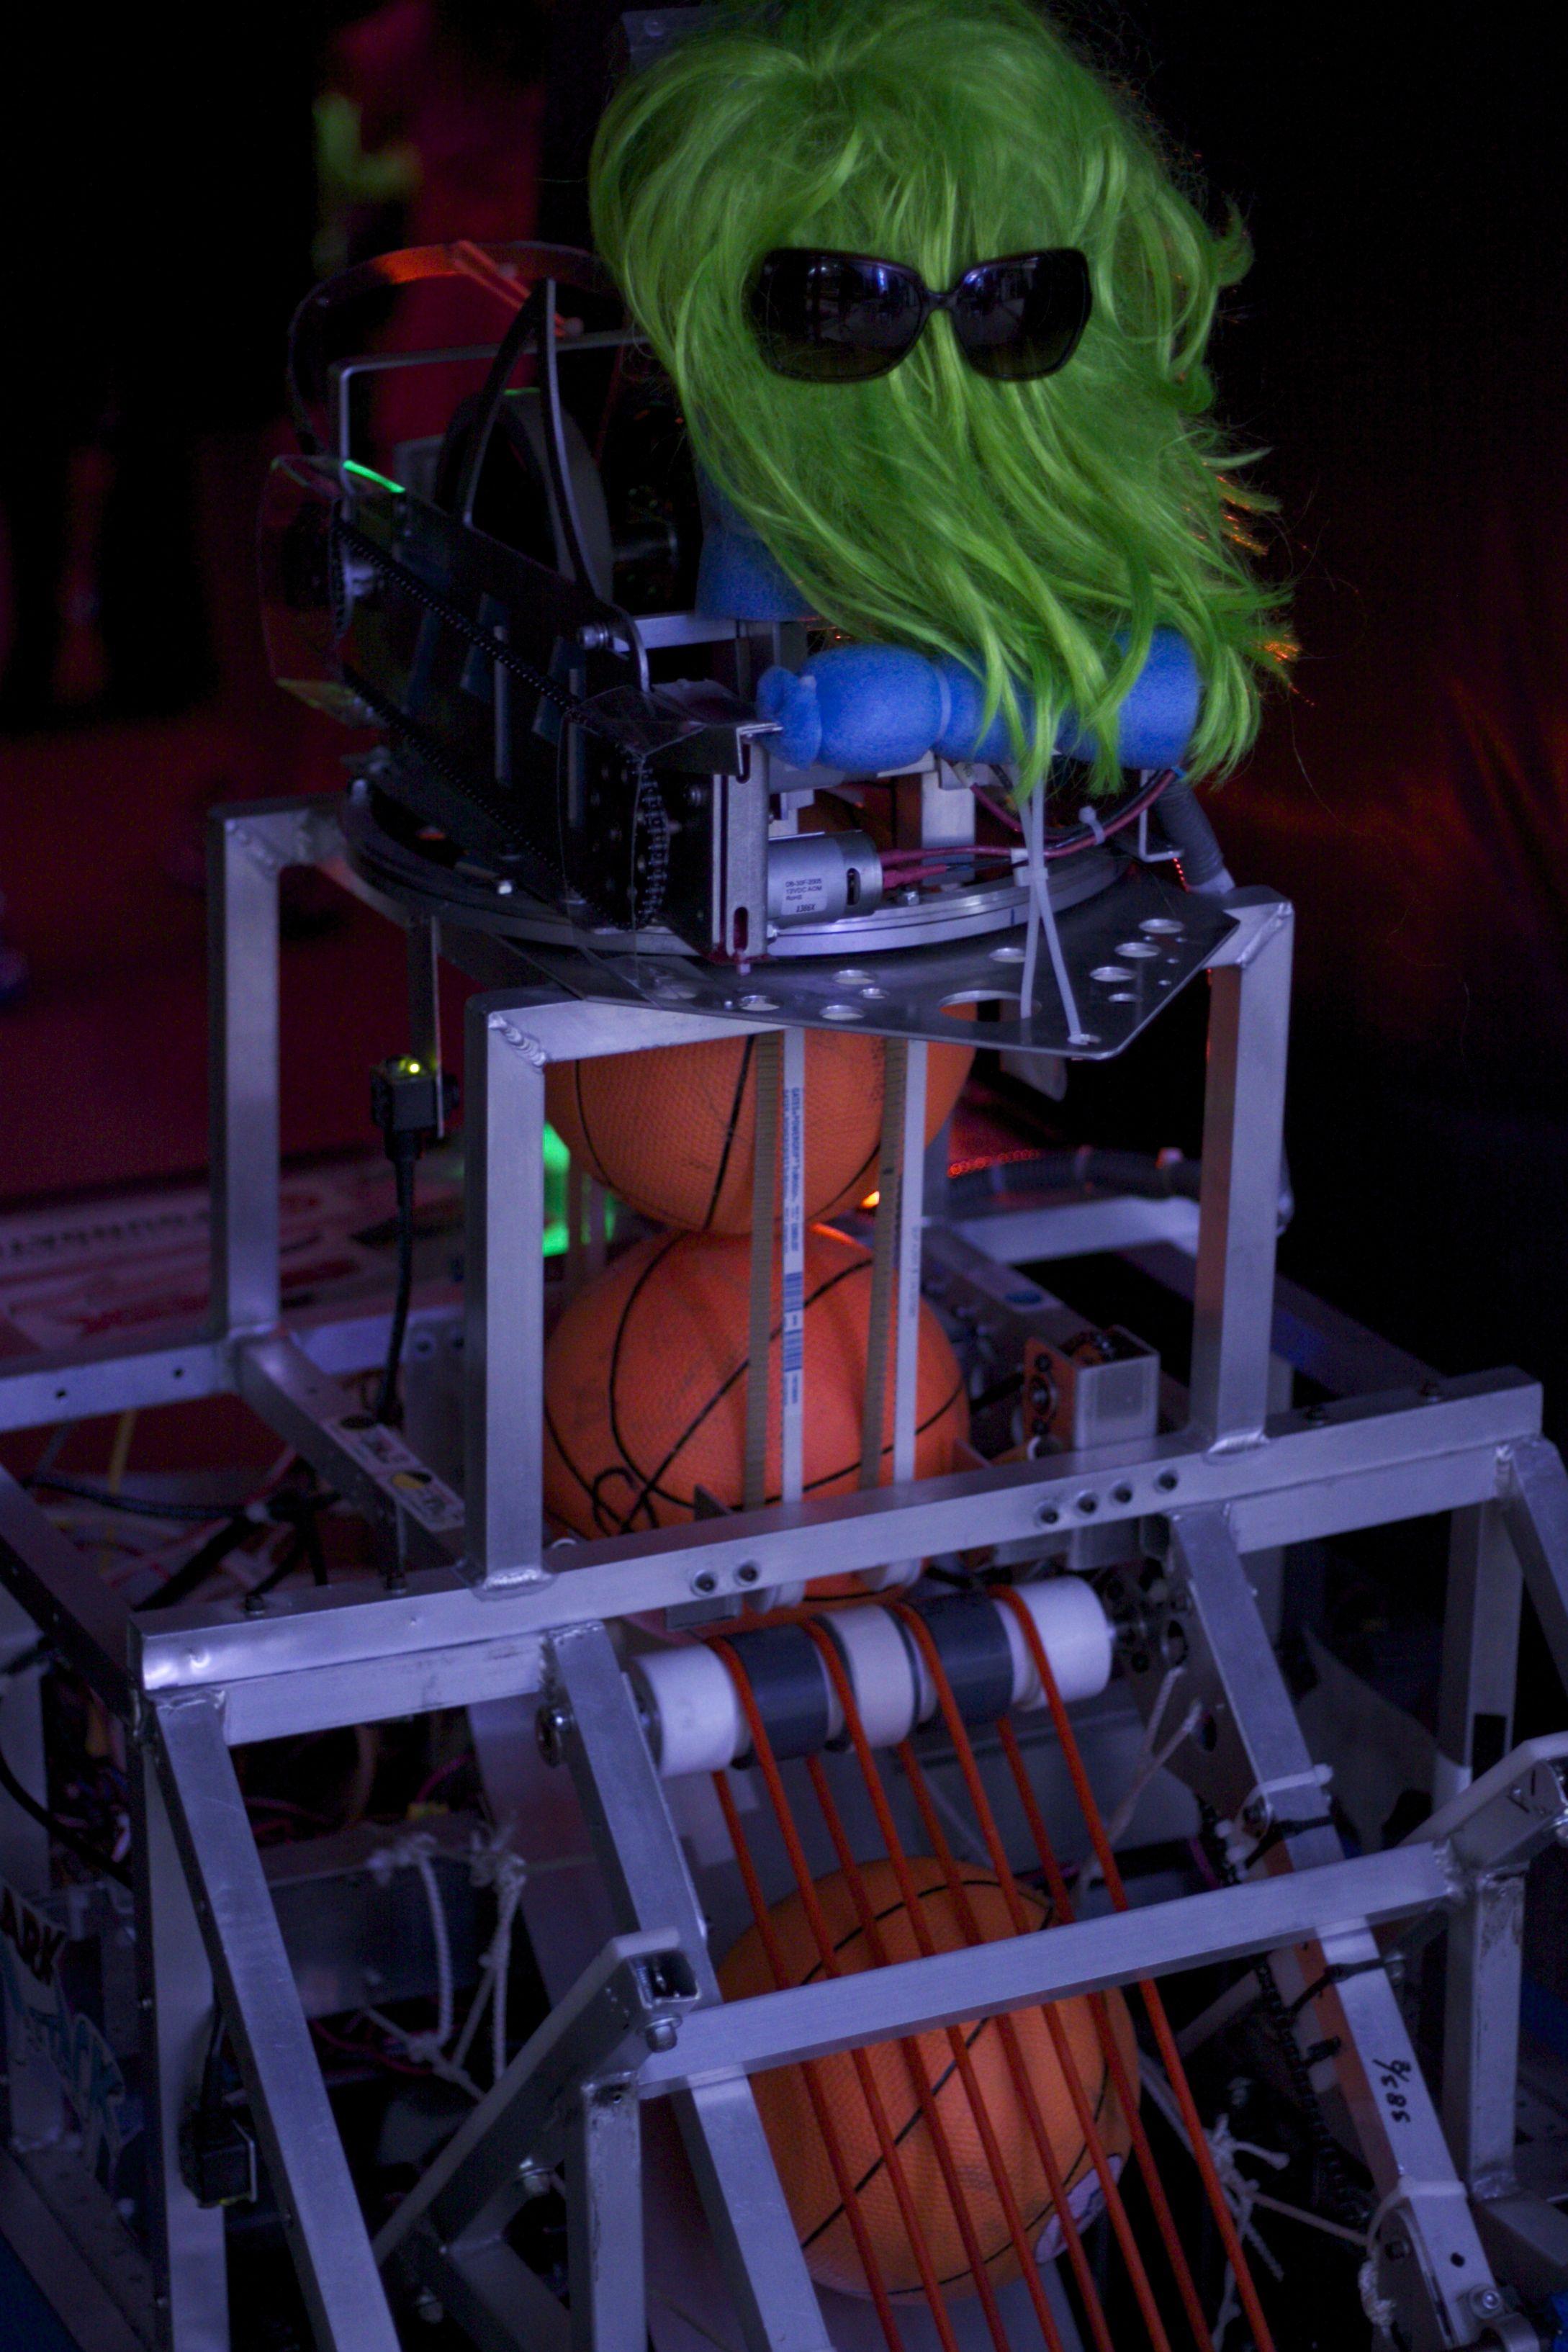 Robot VBS